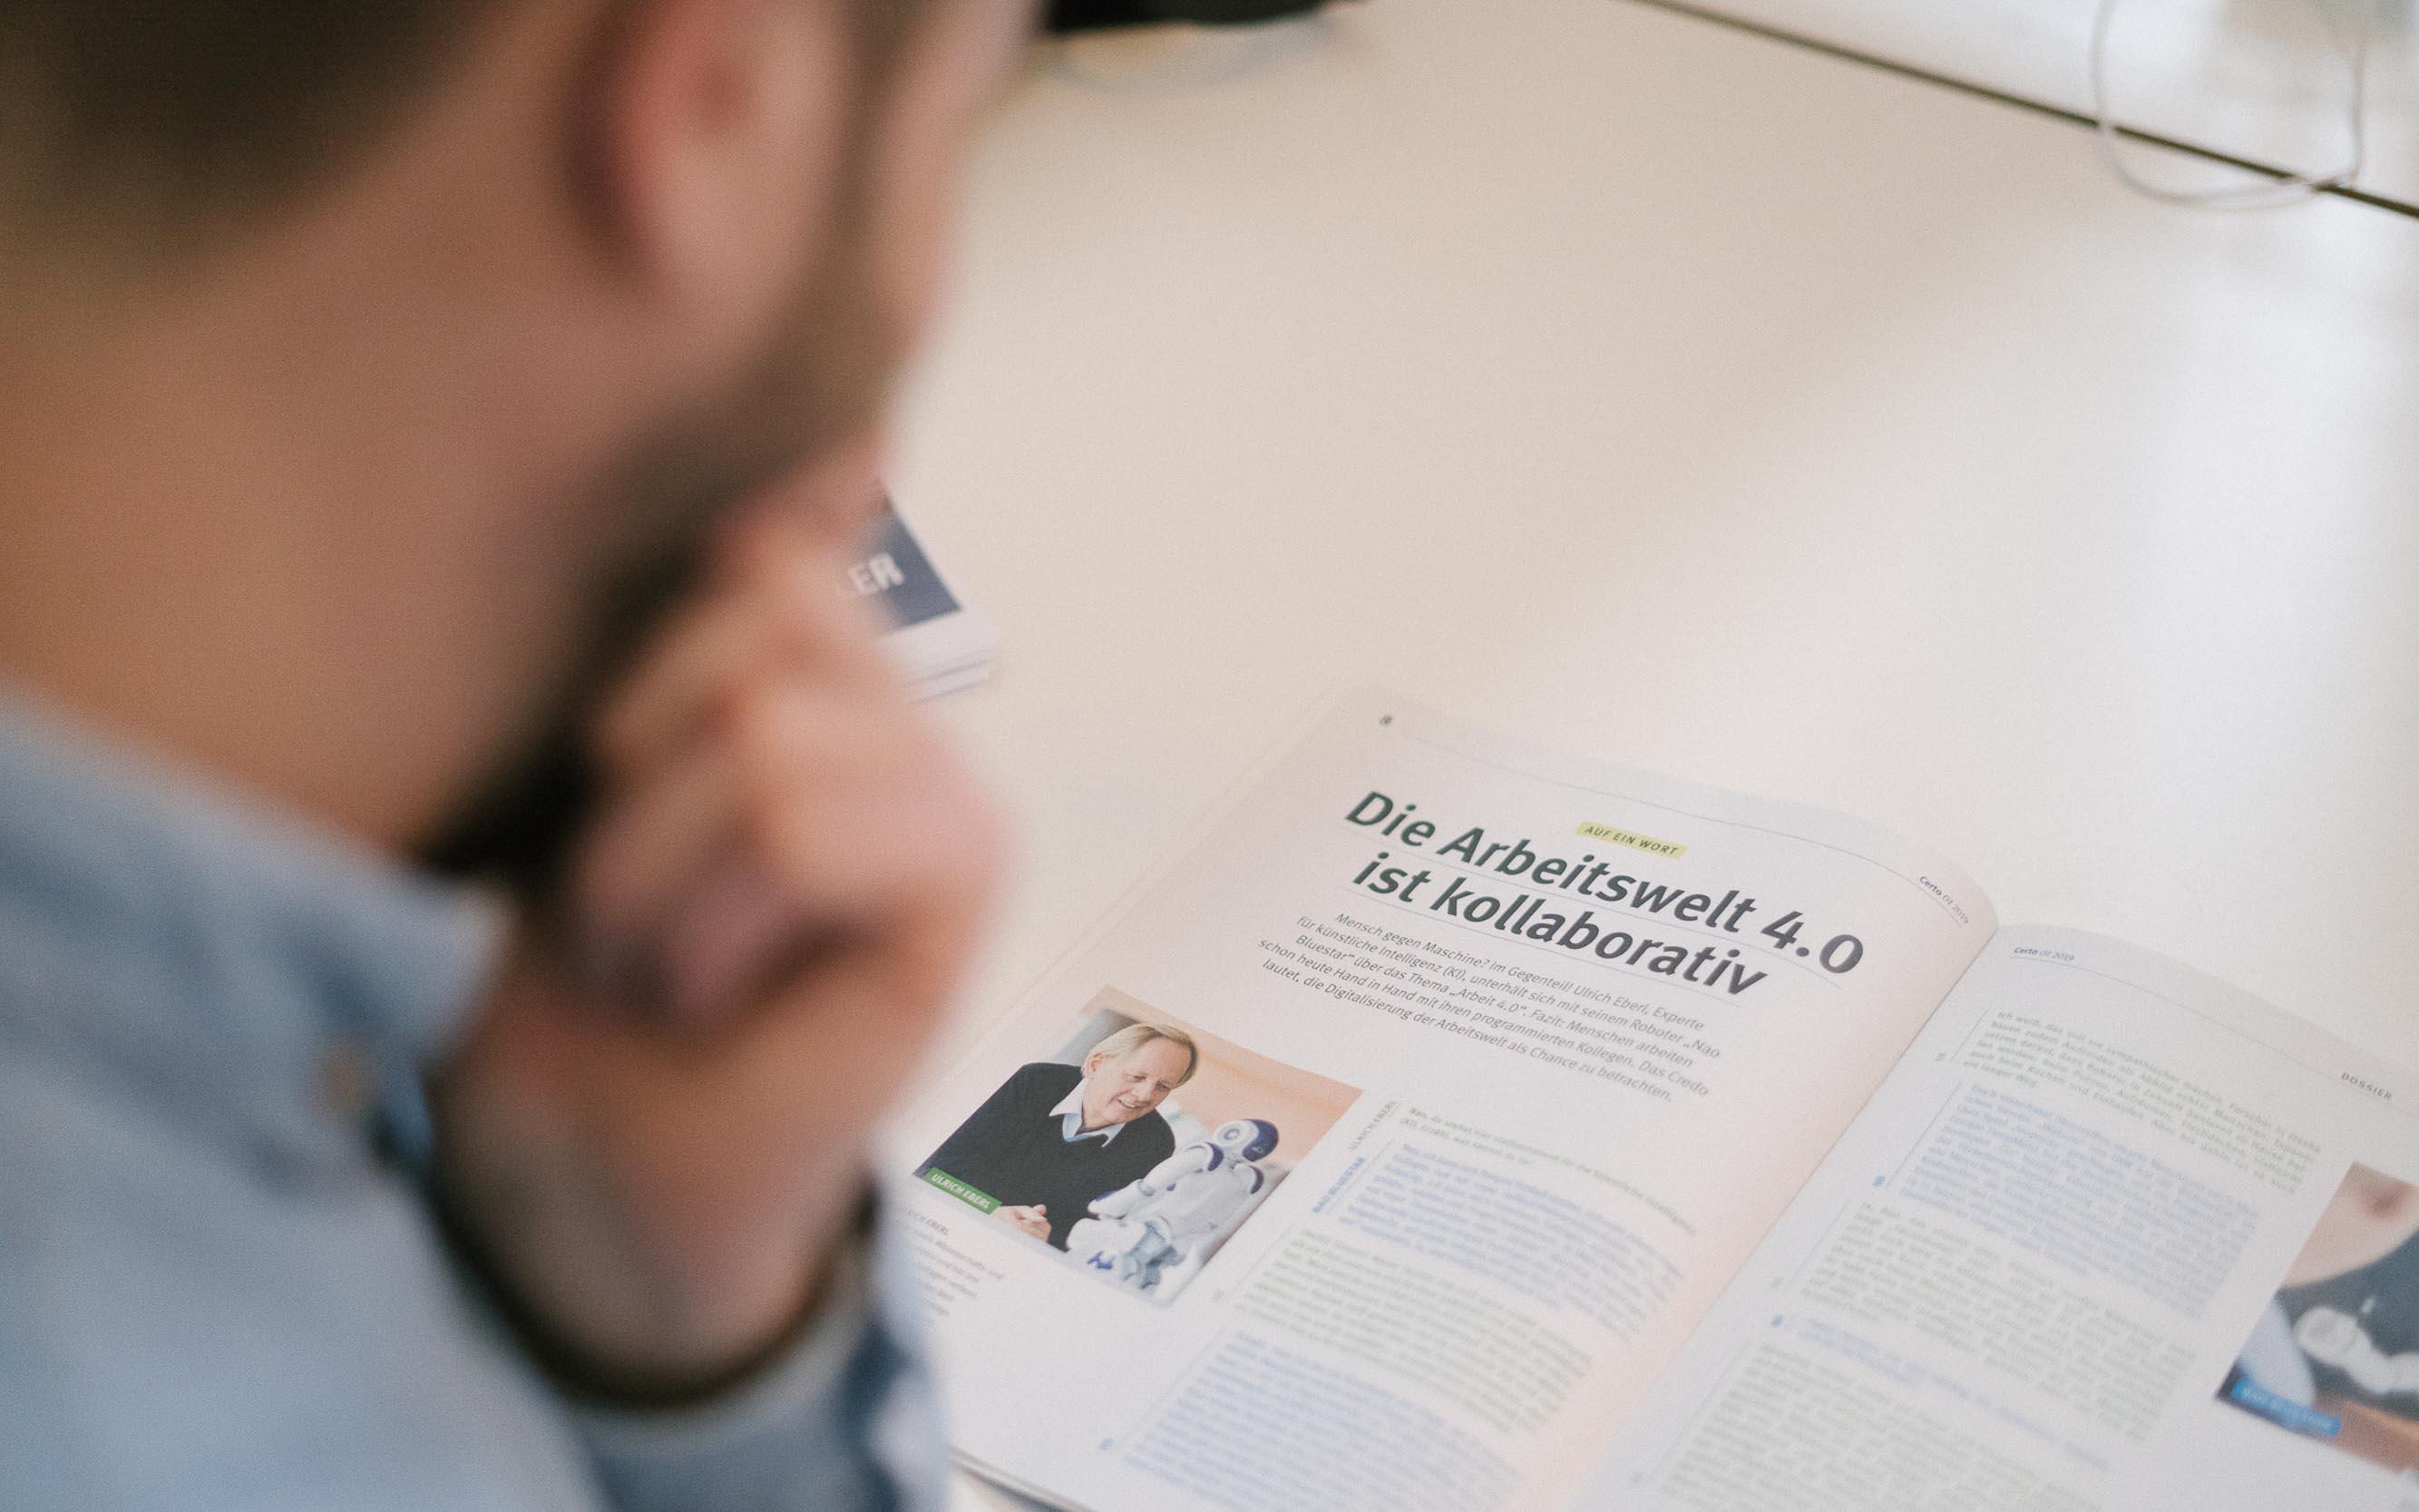 Die Arbeitswelt ändert sich, und wir als Öffentlichkeits-Agentur next im Frankfurter Bahnhofsviertel haben für alle Herausforderung im Bereich Social-Media-Marketing die passende Lösung parat.